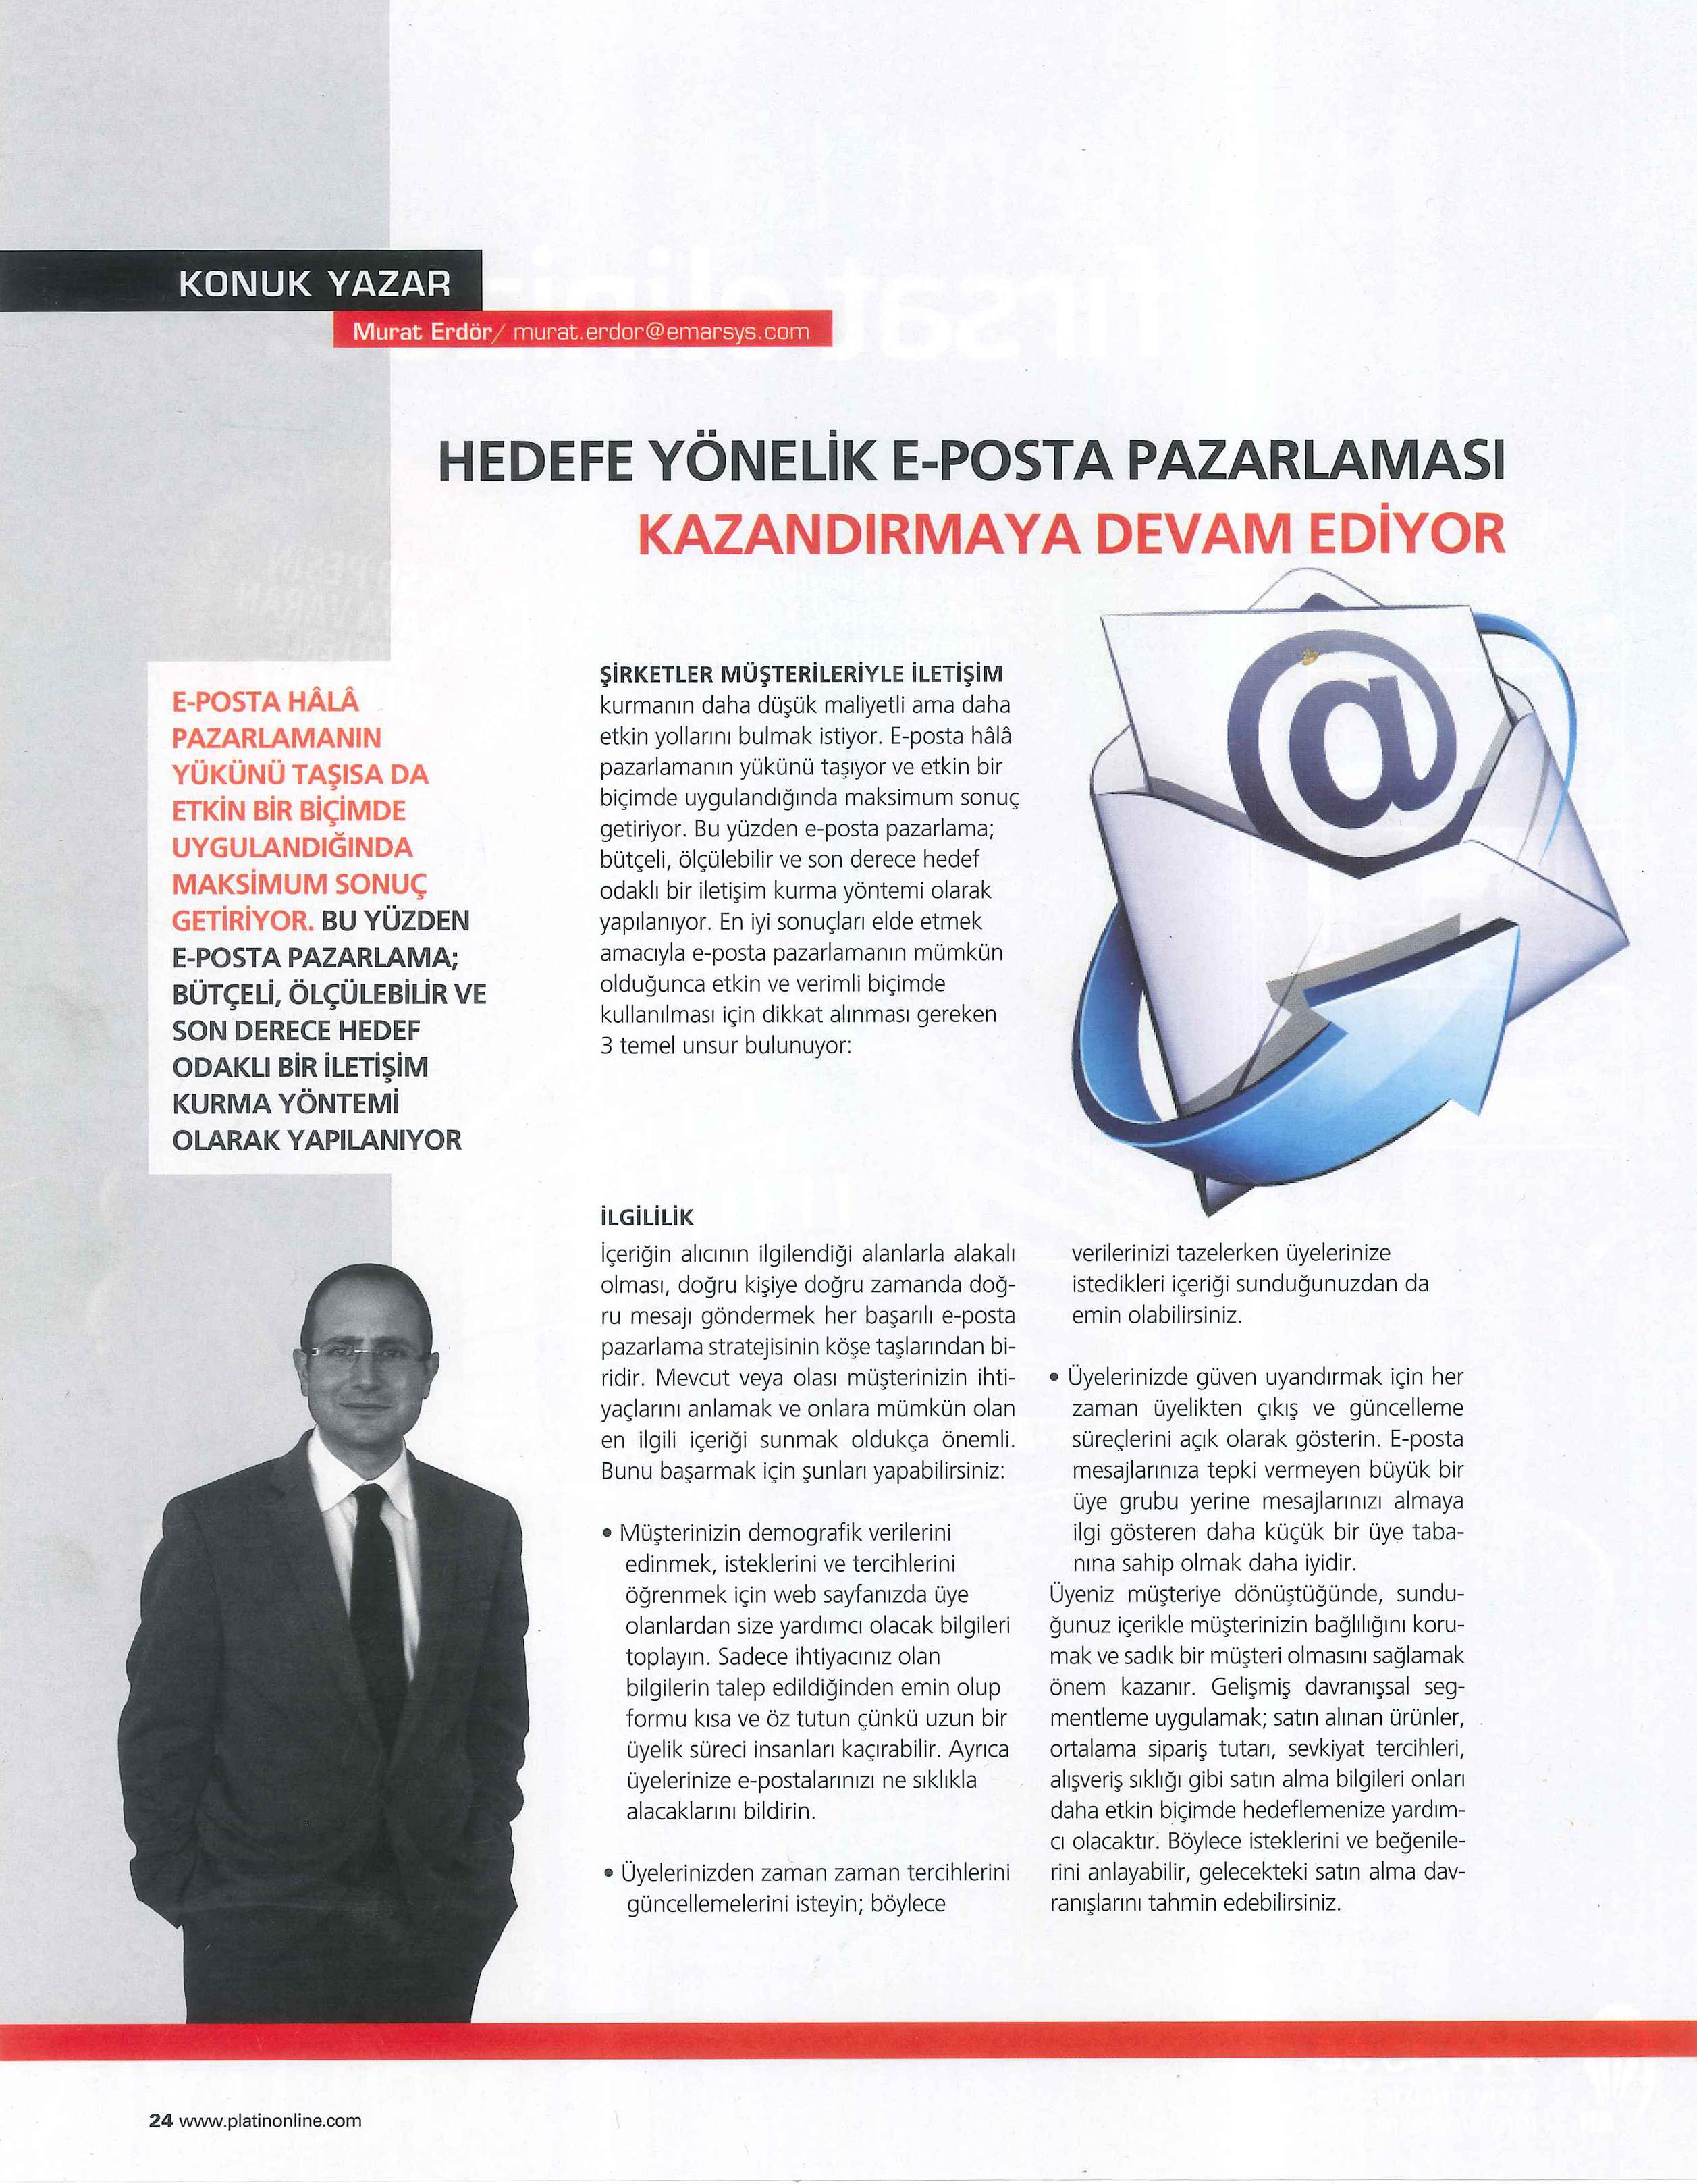 81 - Platin Dergisi_muraterdor.com_ Temmuz 2012